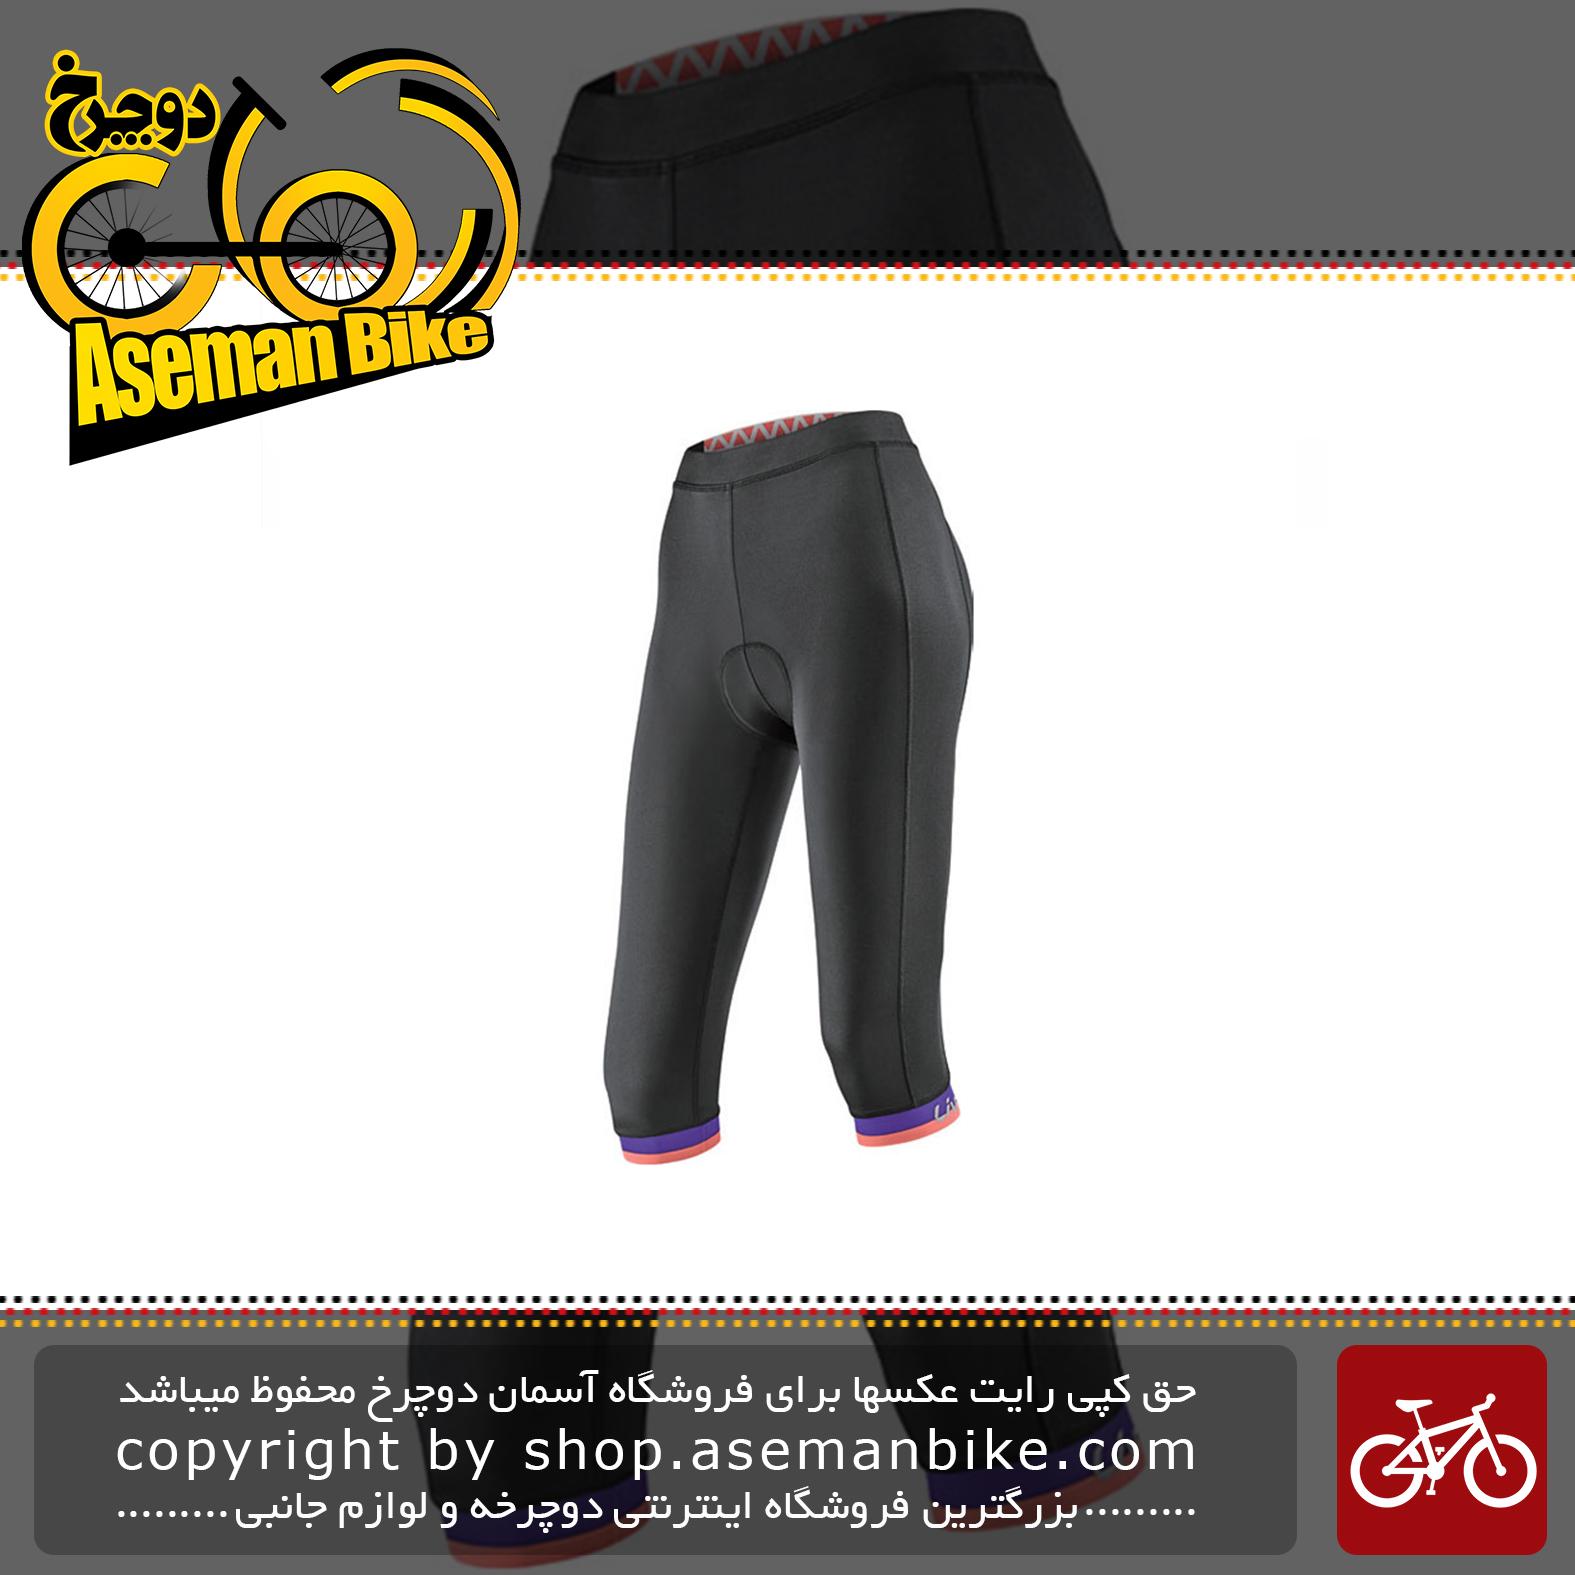 شلوارک دو جرخه سواری لیو مدل بی لایو کریکرسBeLiv Knickers